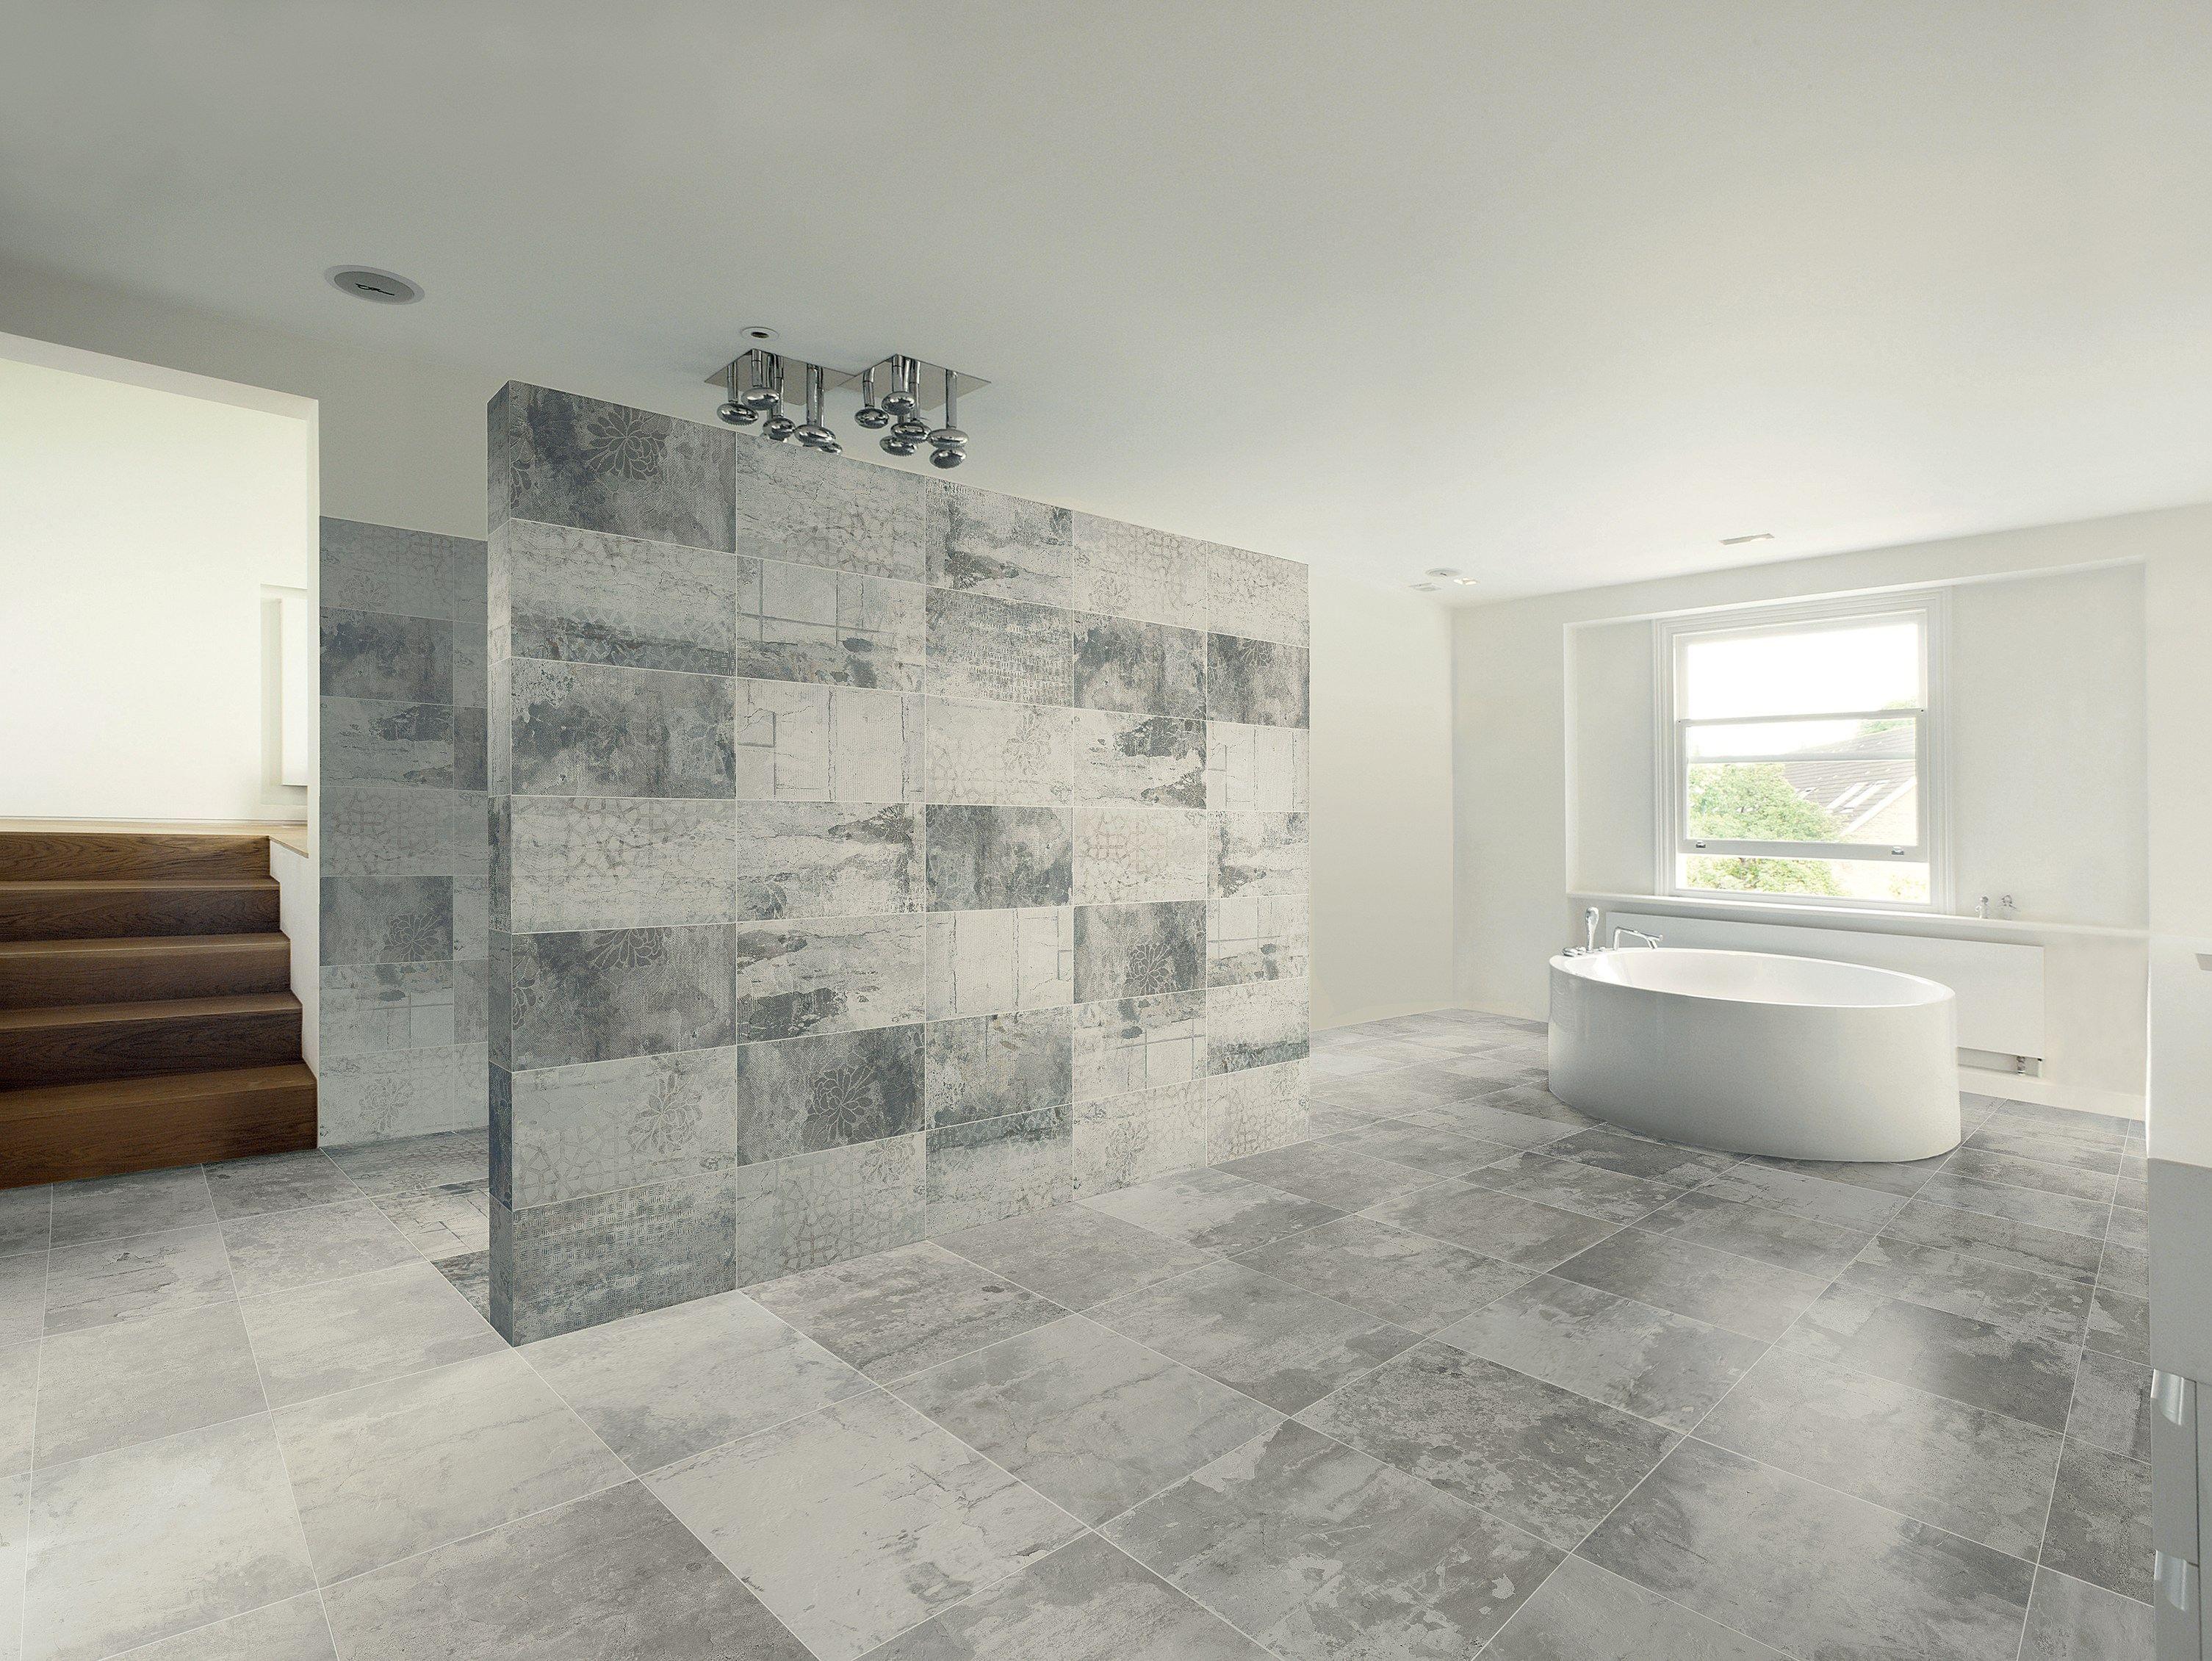 Pavimento rivestimento in gres porcellanato design - Rivestimento bagno gres porcellanato ...